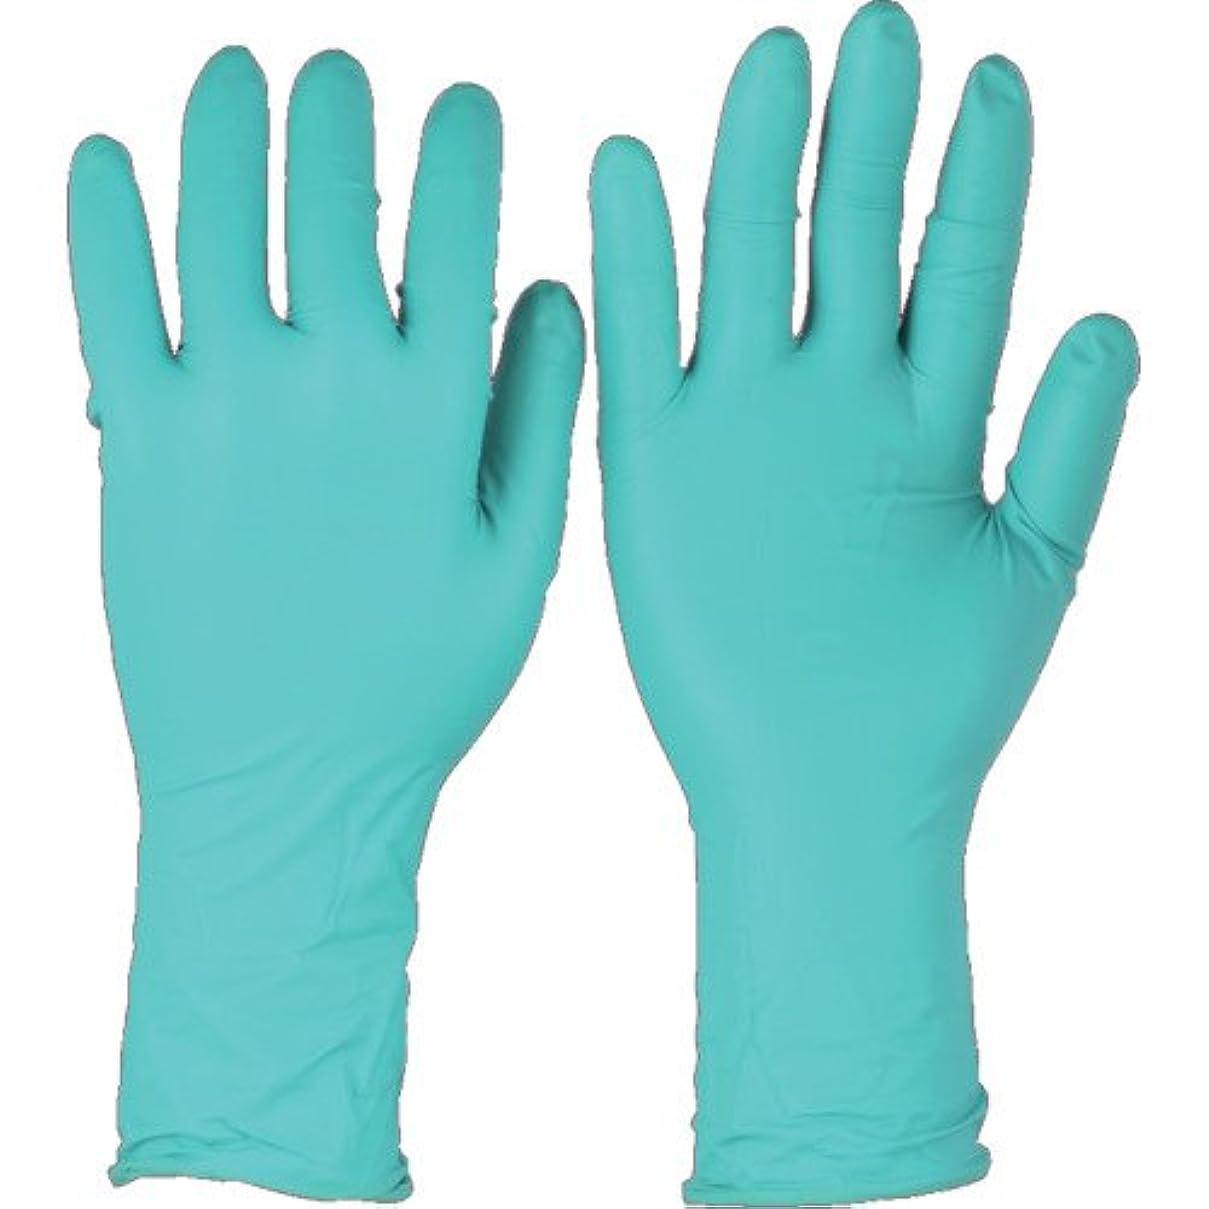 ホイットニー緊急クライストチャーチトラスコ中山 アンセル ネオプレンゴム使い捨て手袋 マイクロフレックス 93-260 XLサイズ (50枚入)  9326010